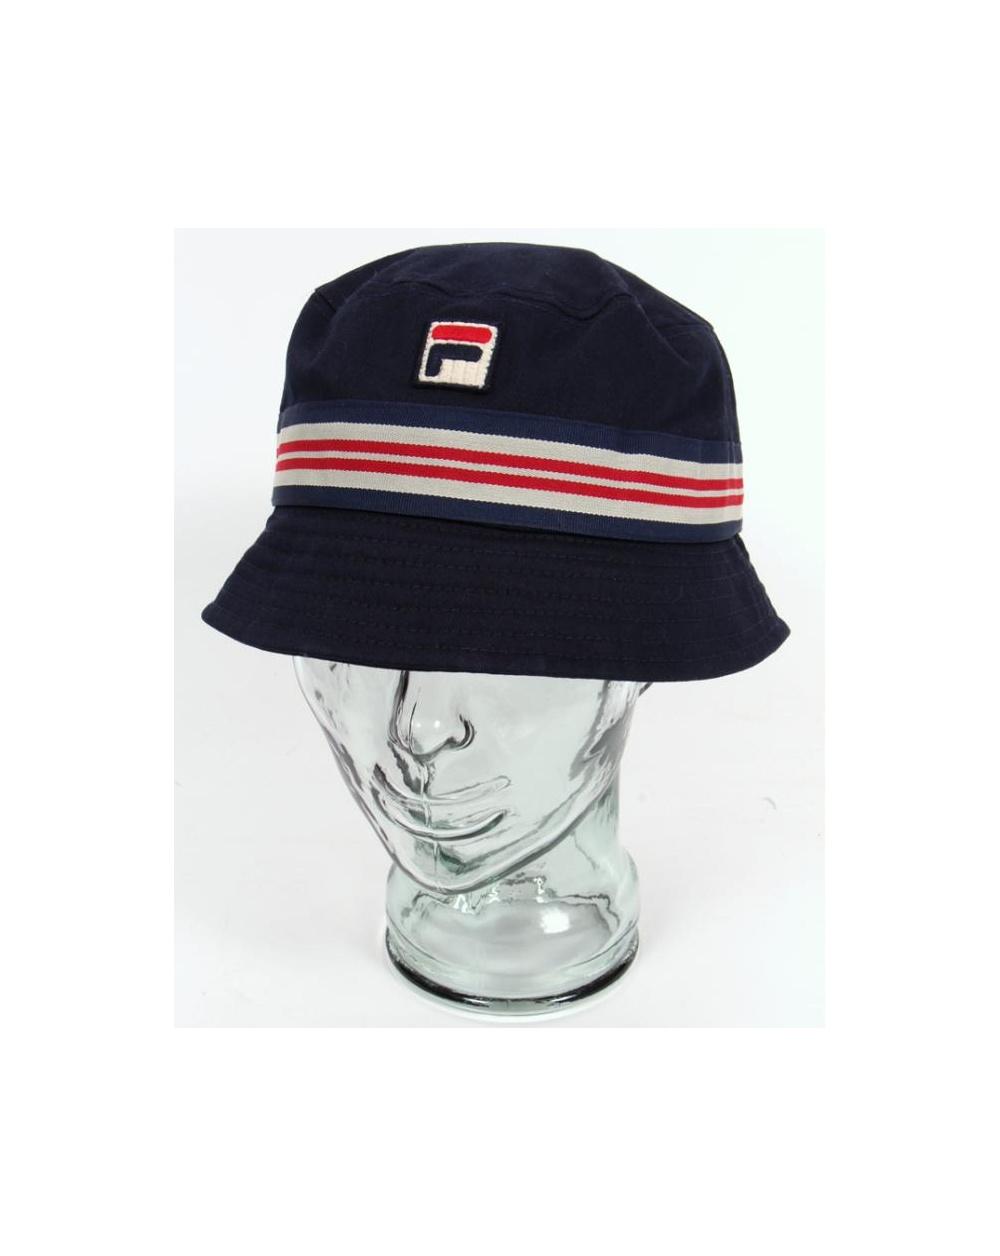 8b6ea754a Fila Vintage Bucket Hat Navy